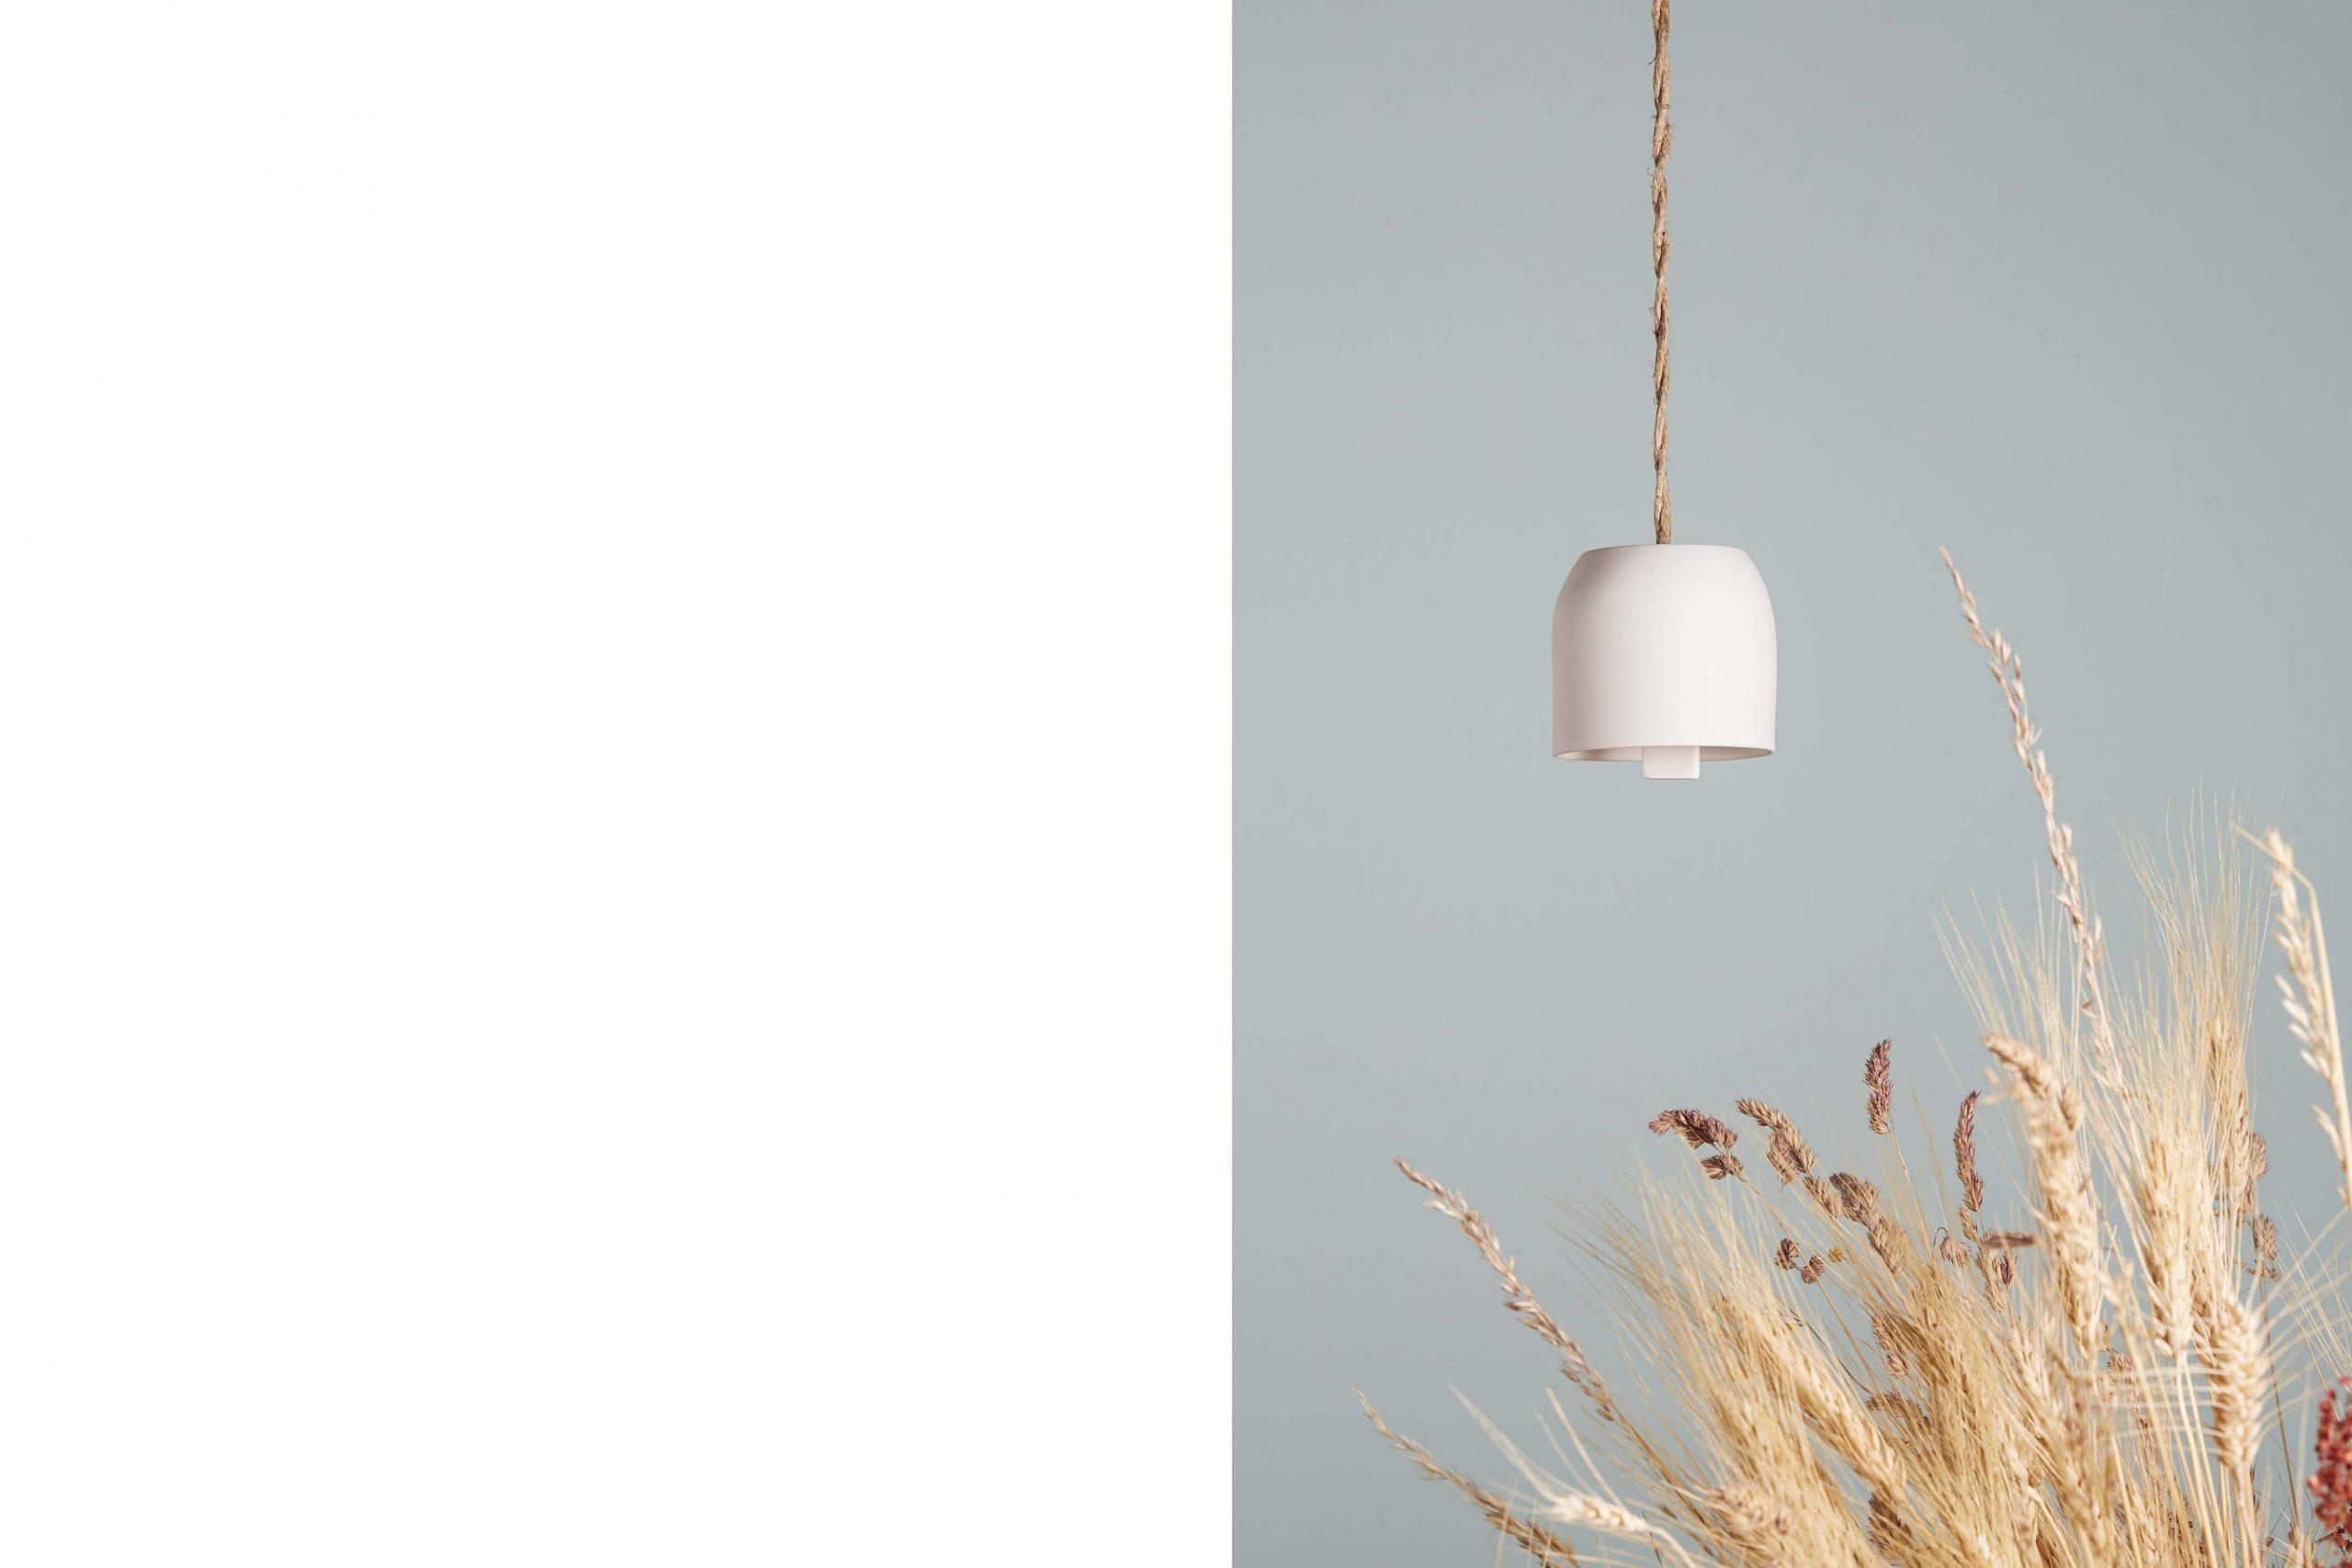 una campanella in porcellana bianca sospesa con dei fiori secchi - artigianale - Federica Ramacciotti